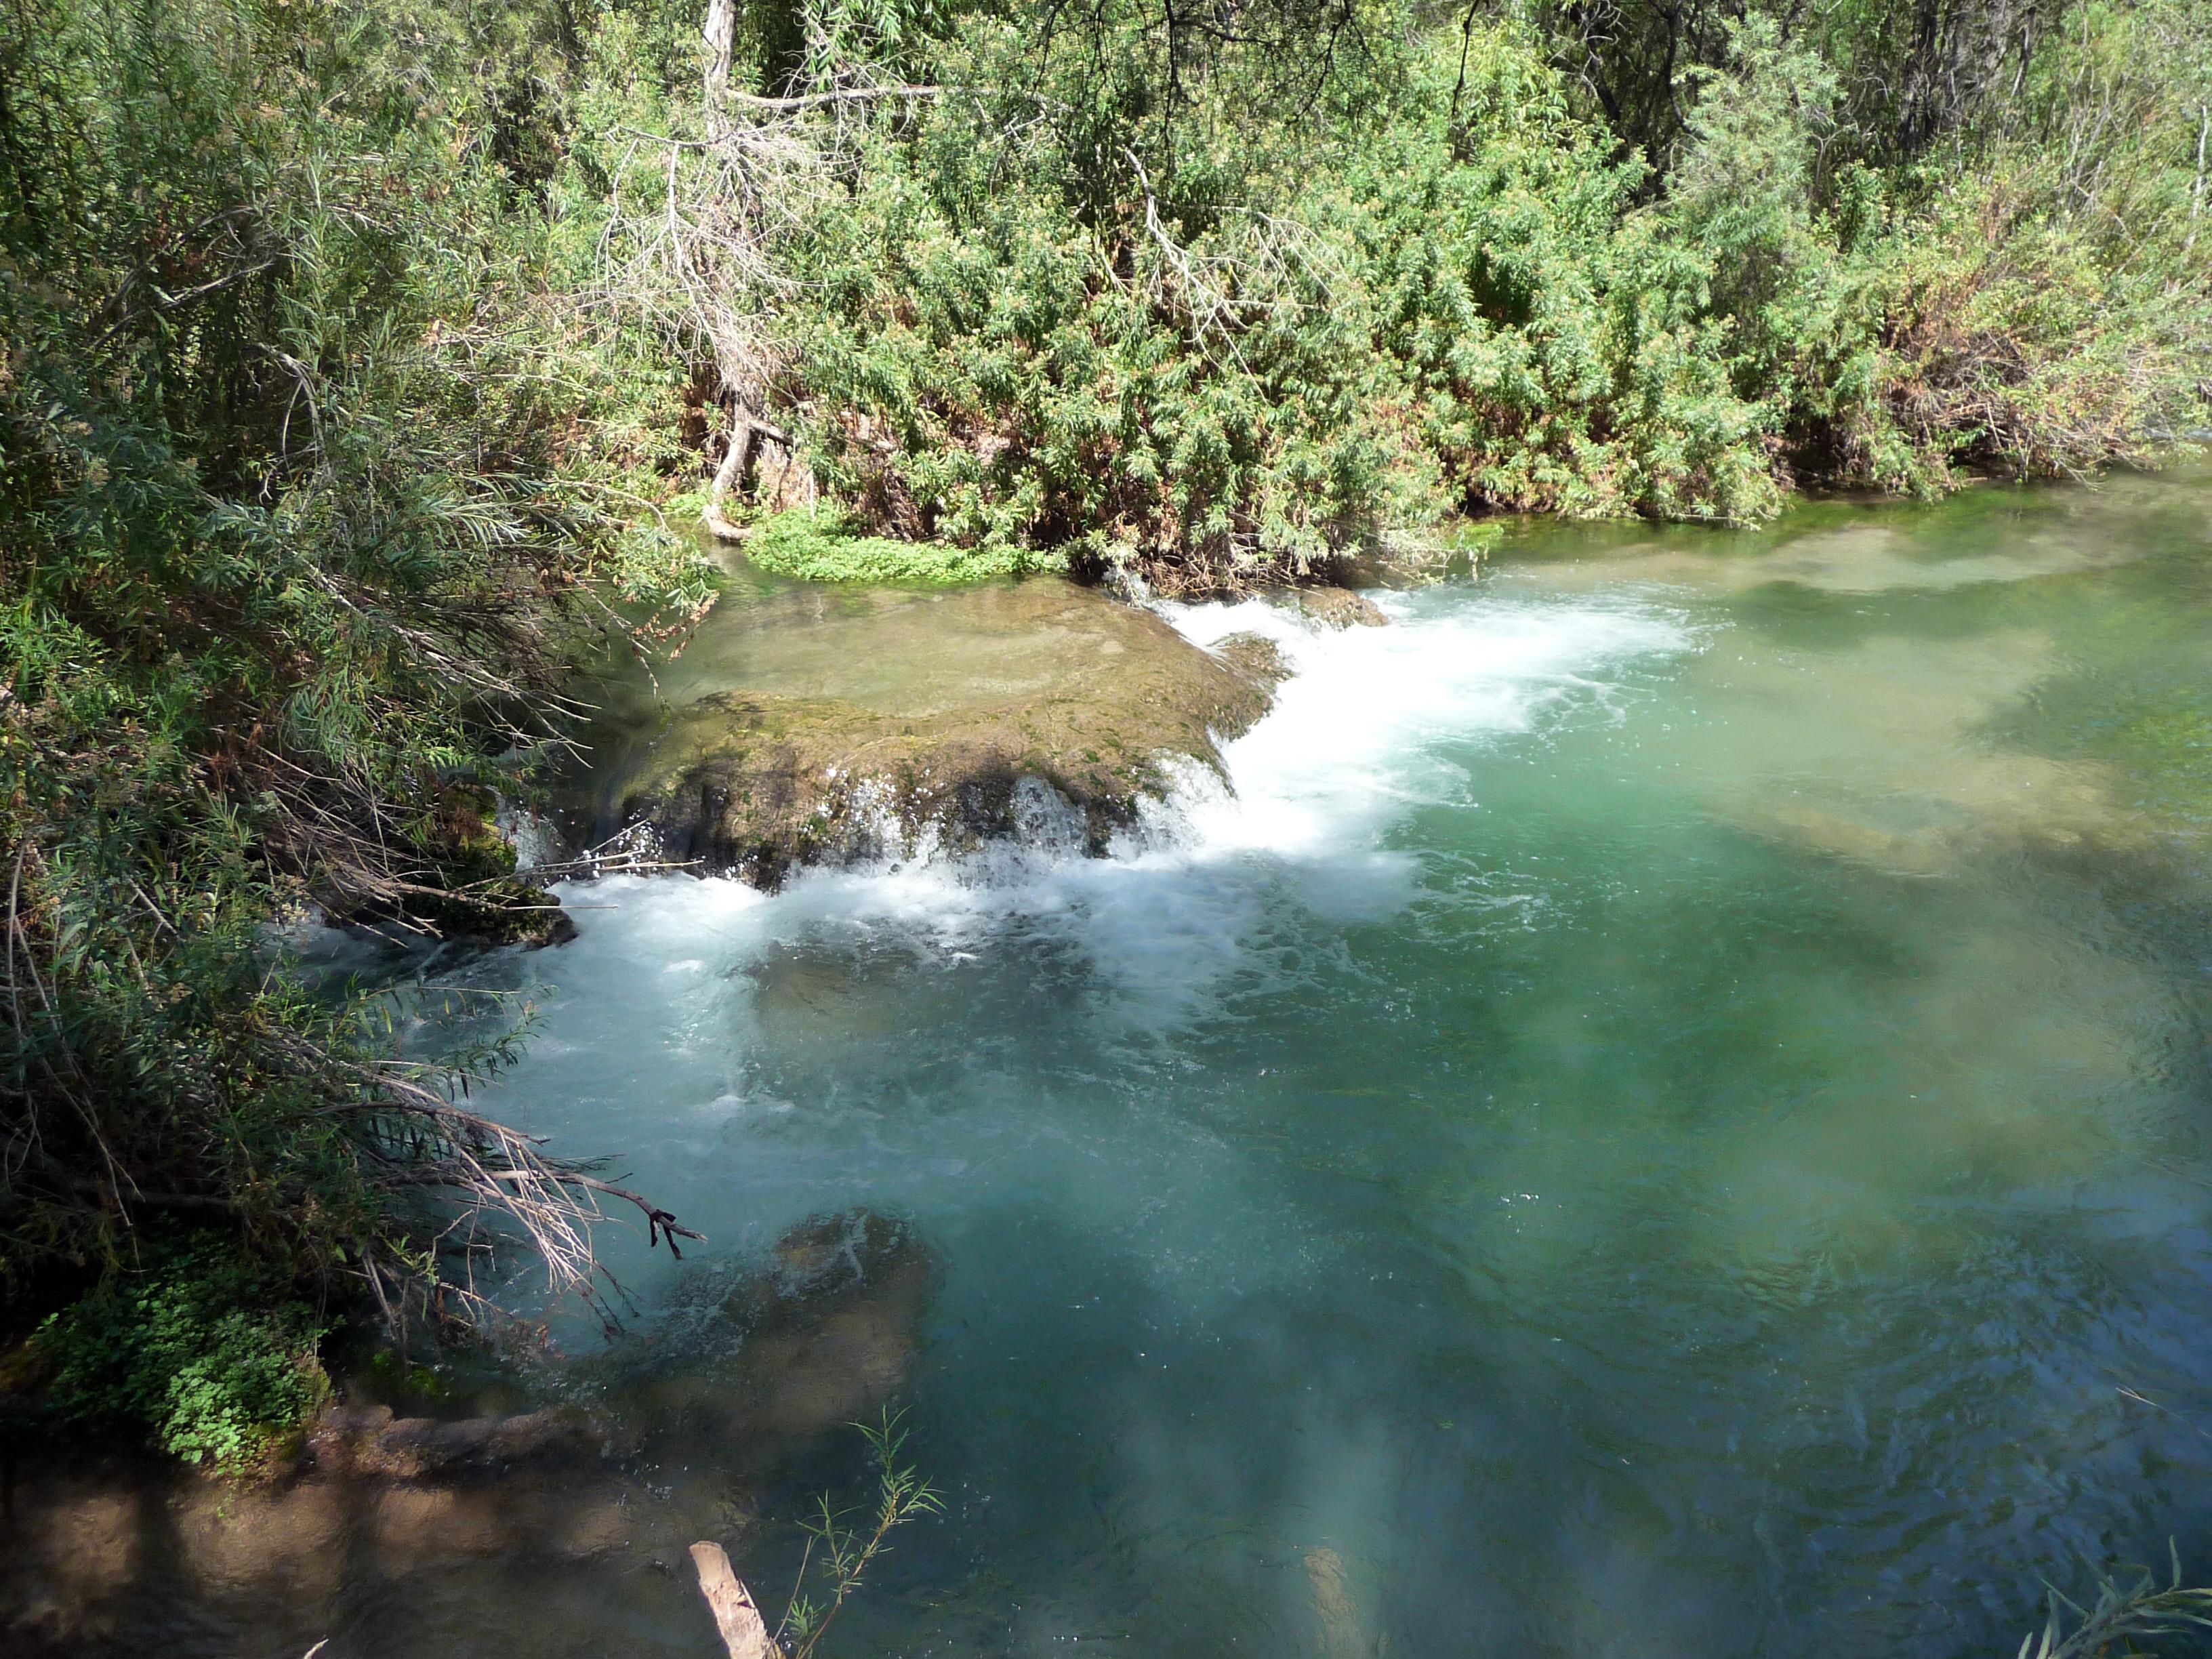 The pools at Navajo Falls